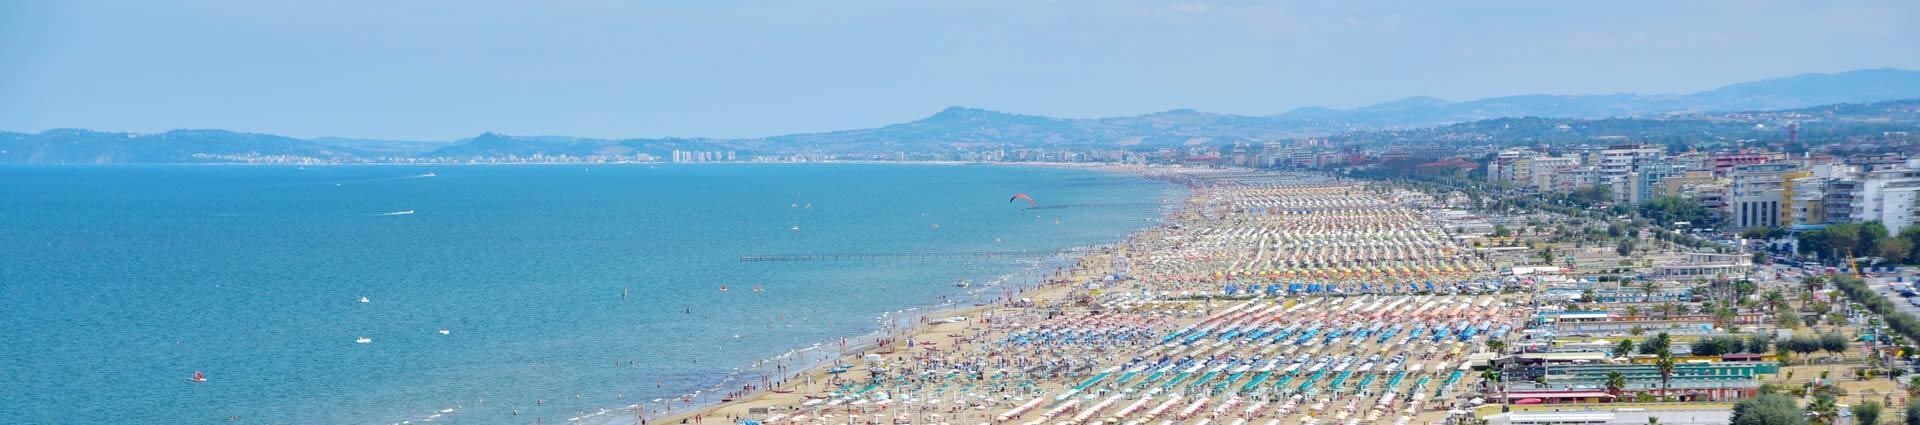 hotelsole it offerta-speciale-per-la-tua-vacanza-a-riccione 008